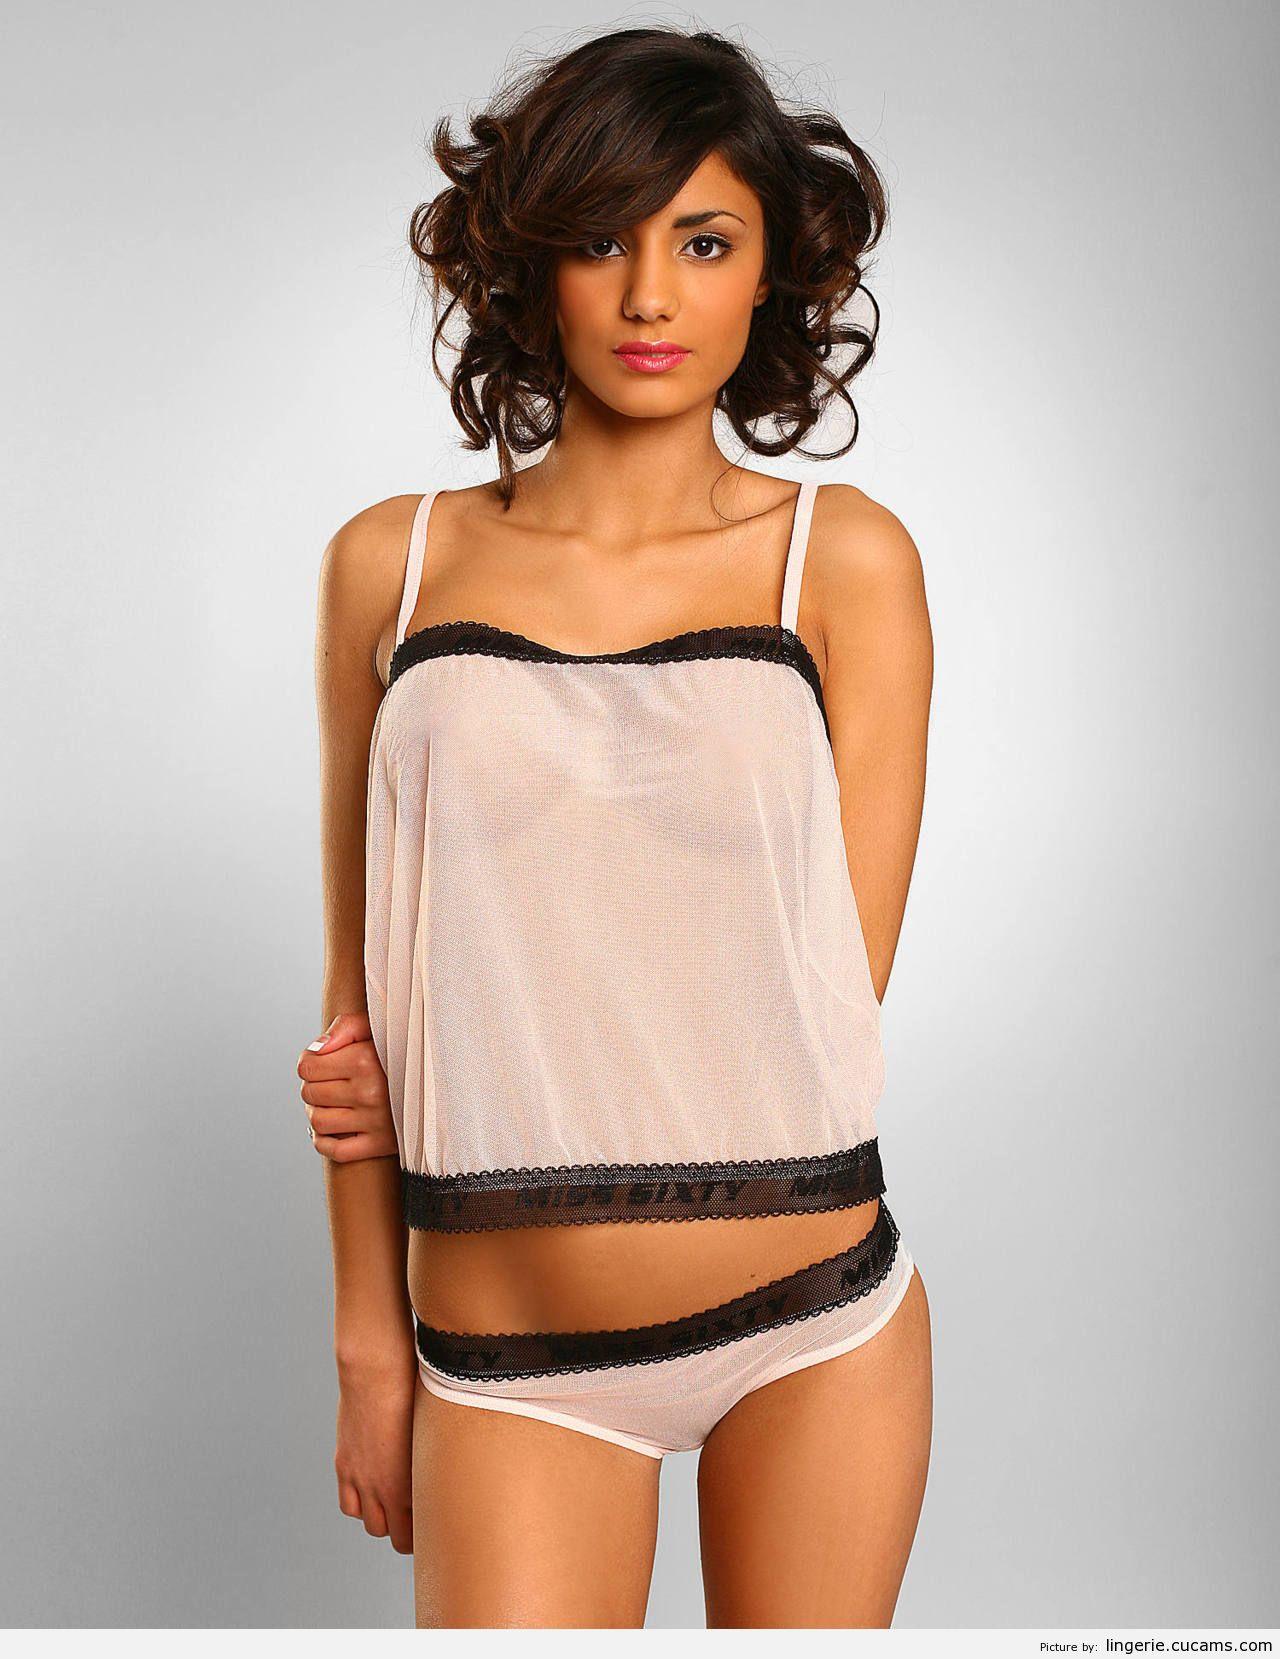 Lingerie Slap Bizarre by lingerie.cucams.com